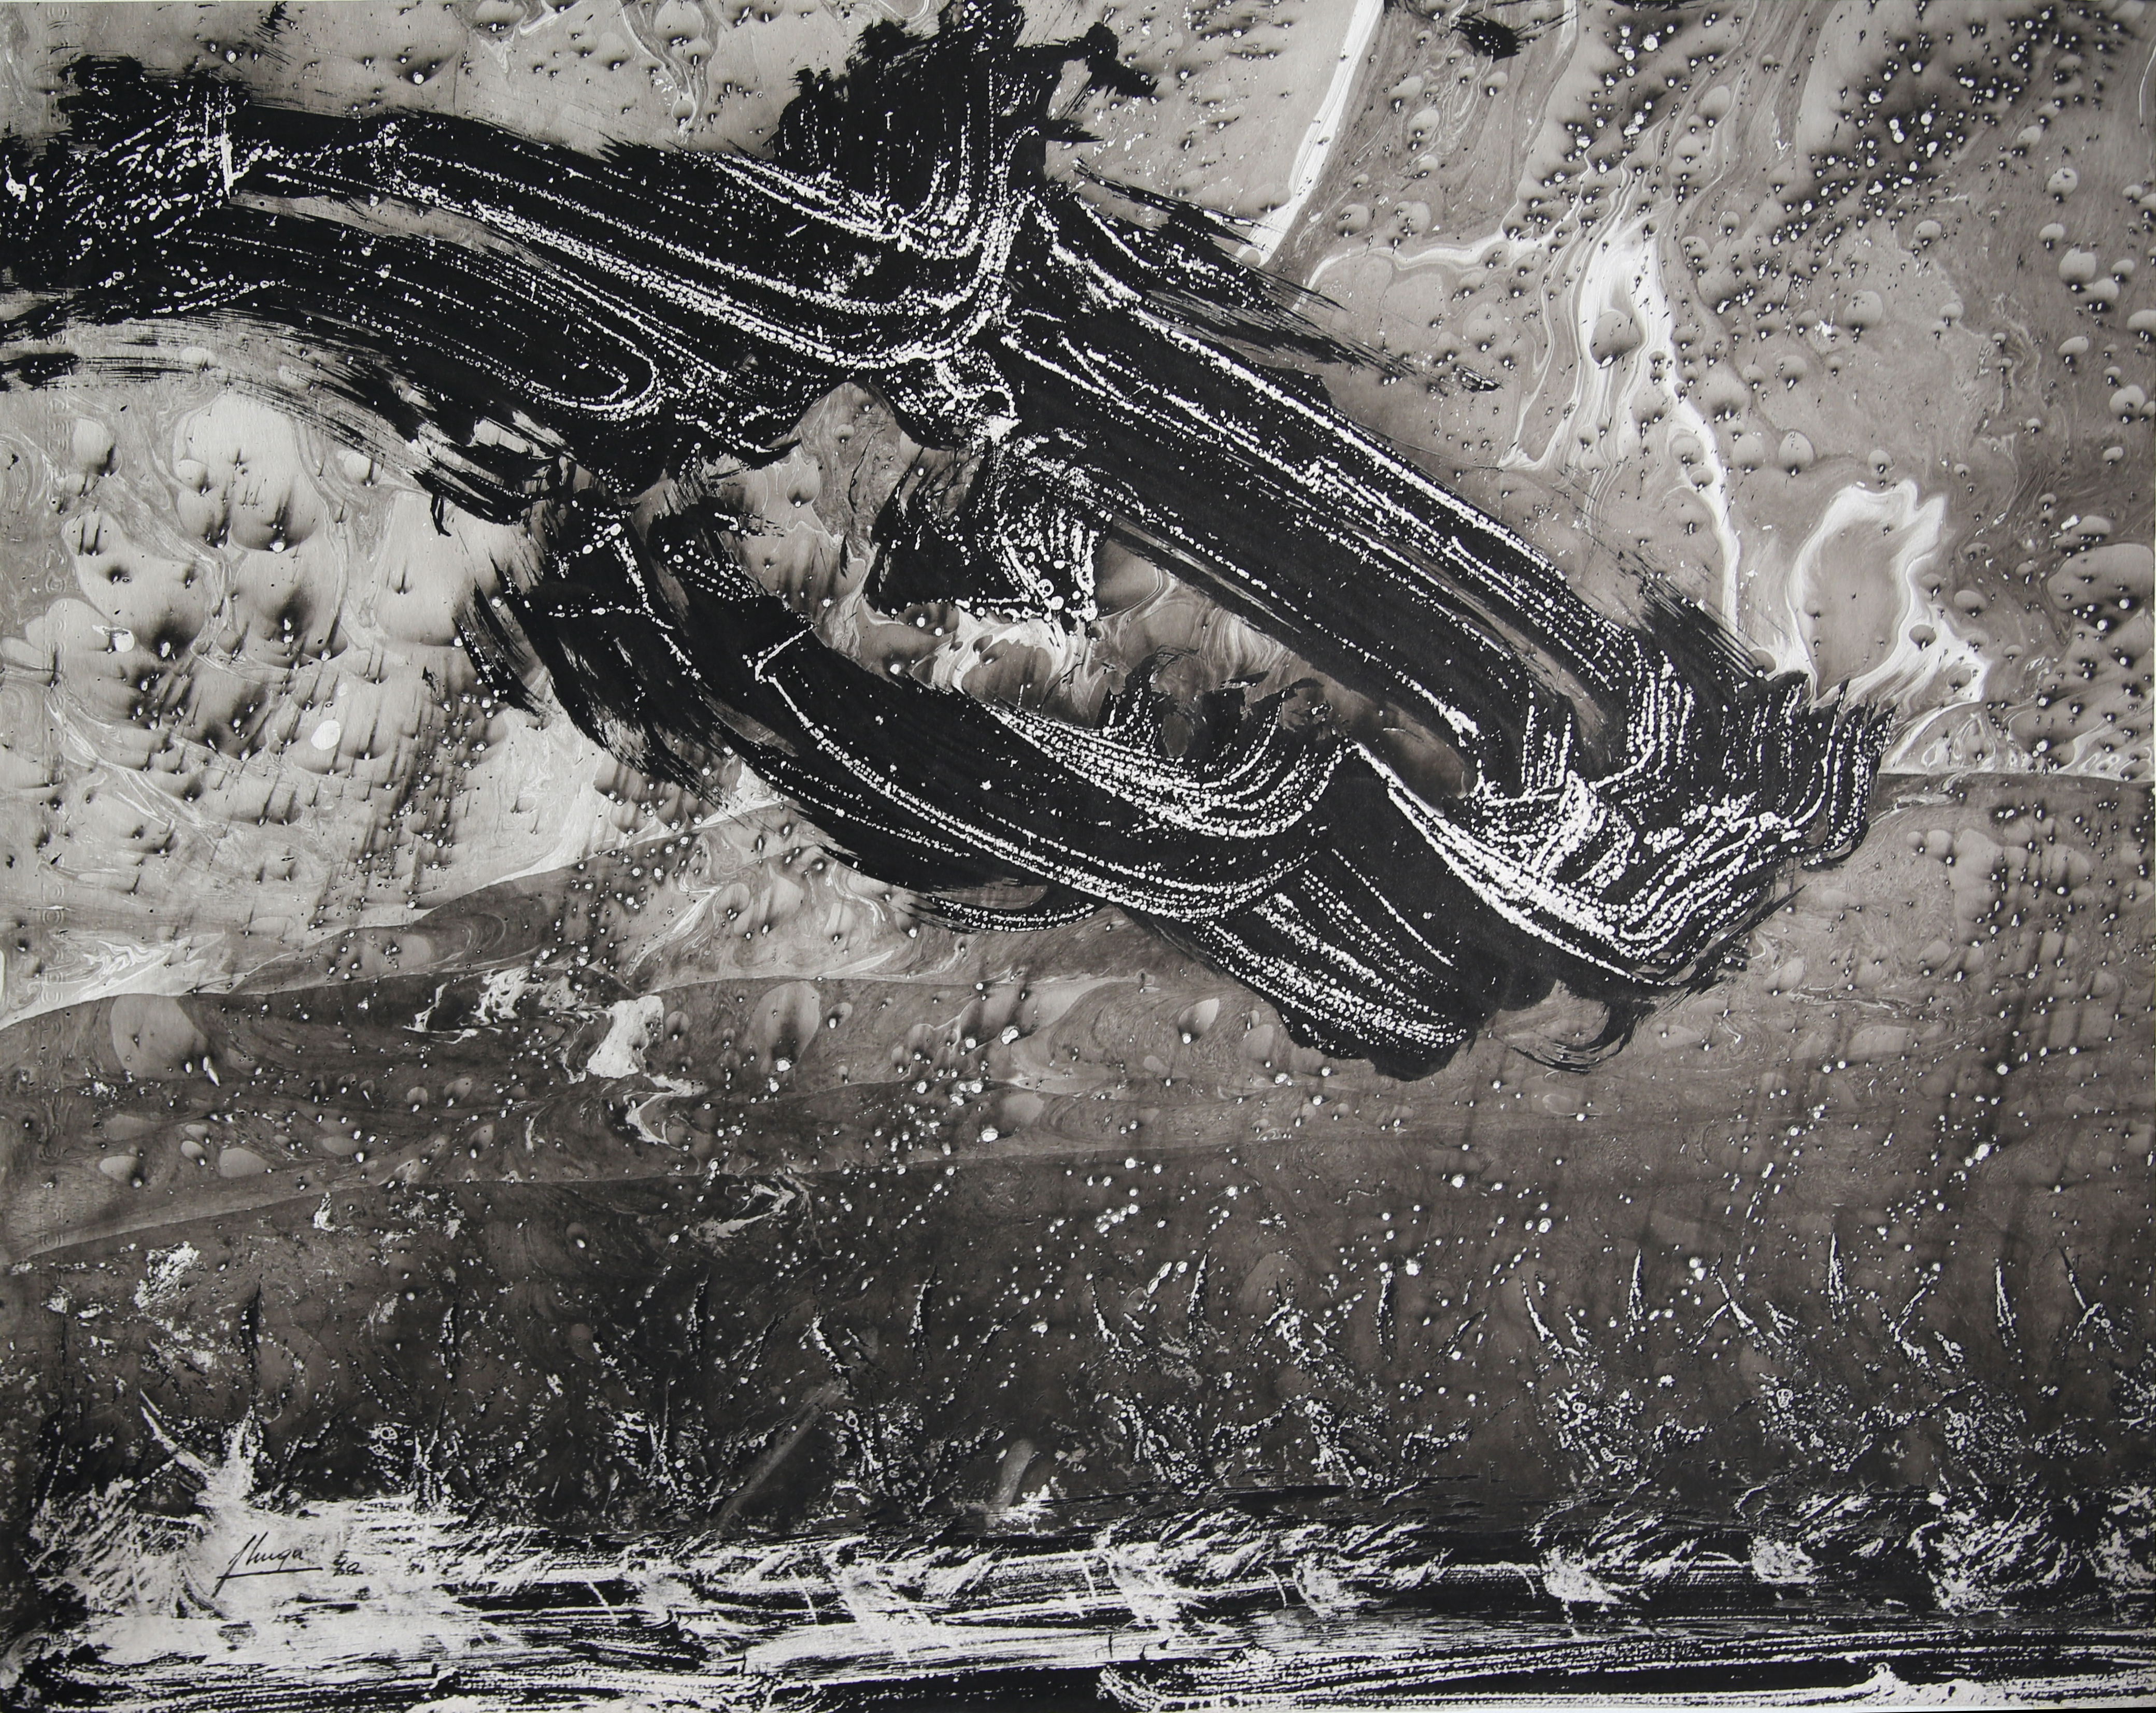 1990 - Tête de Cheval 2